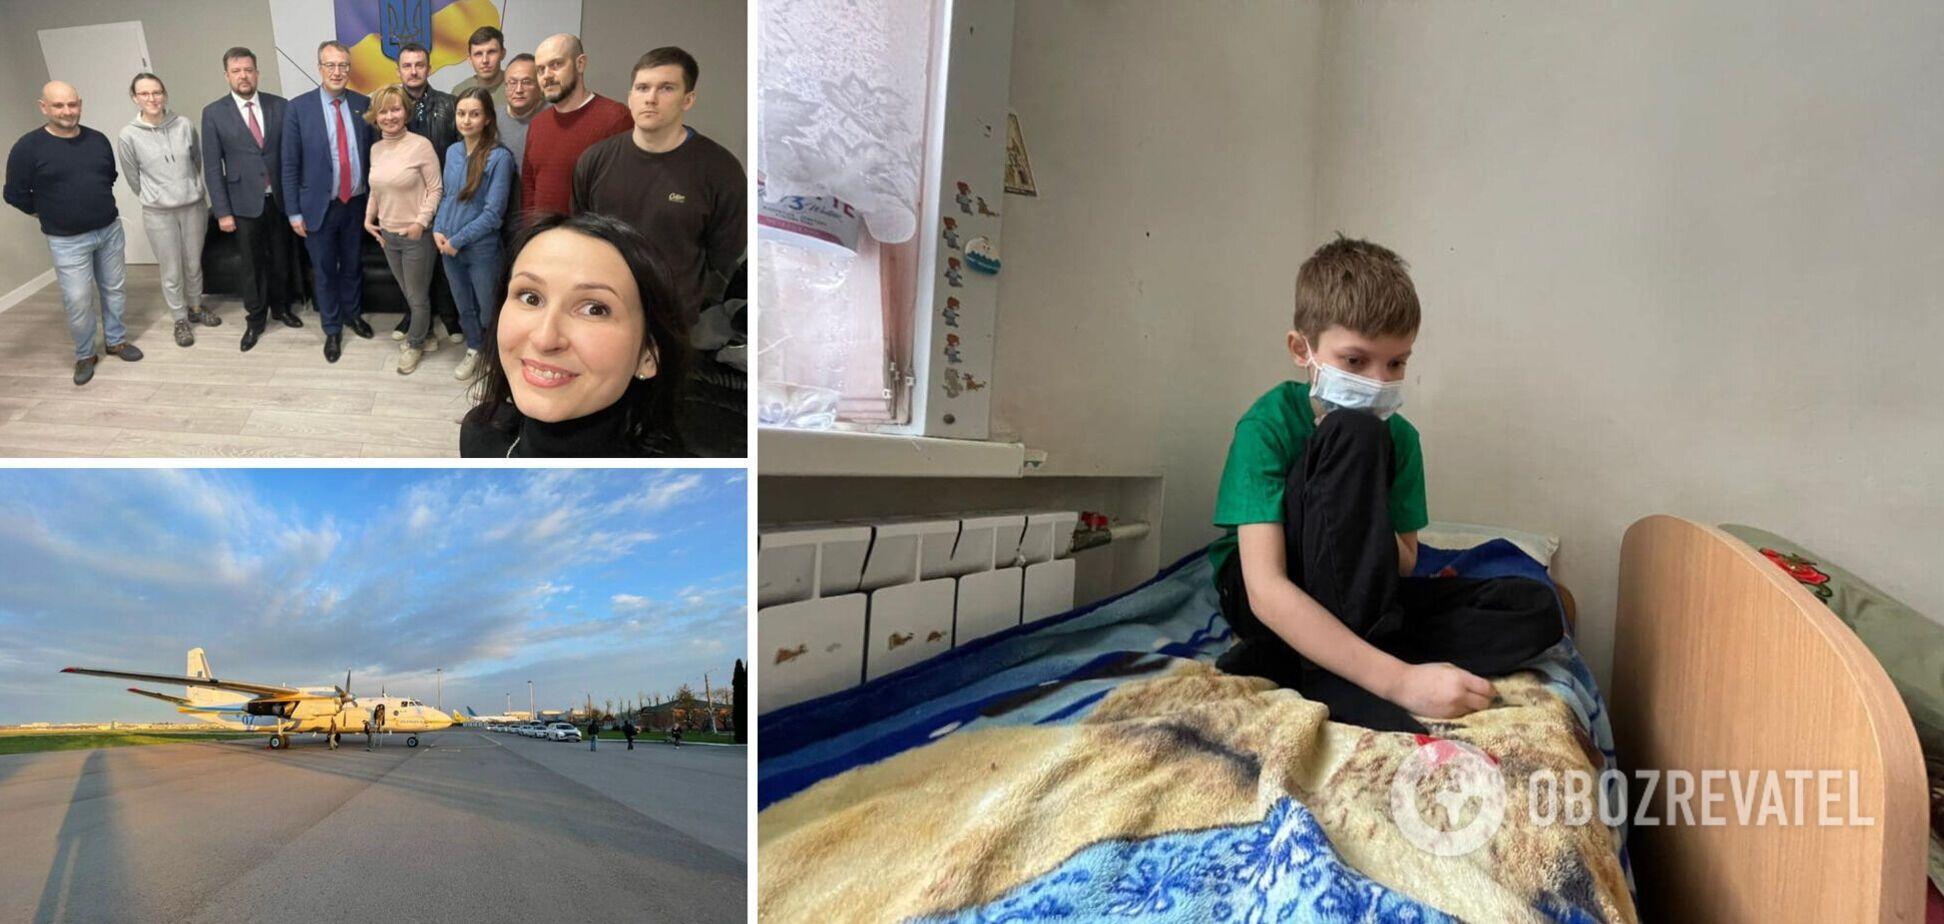 'Ангел-спаситель' дал шанс на жизнь троим украинцам